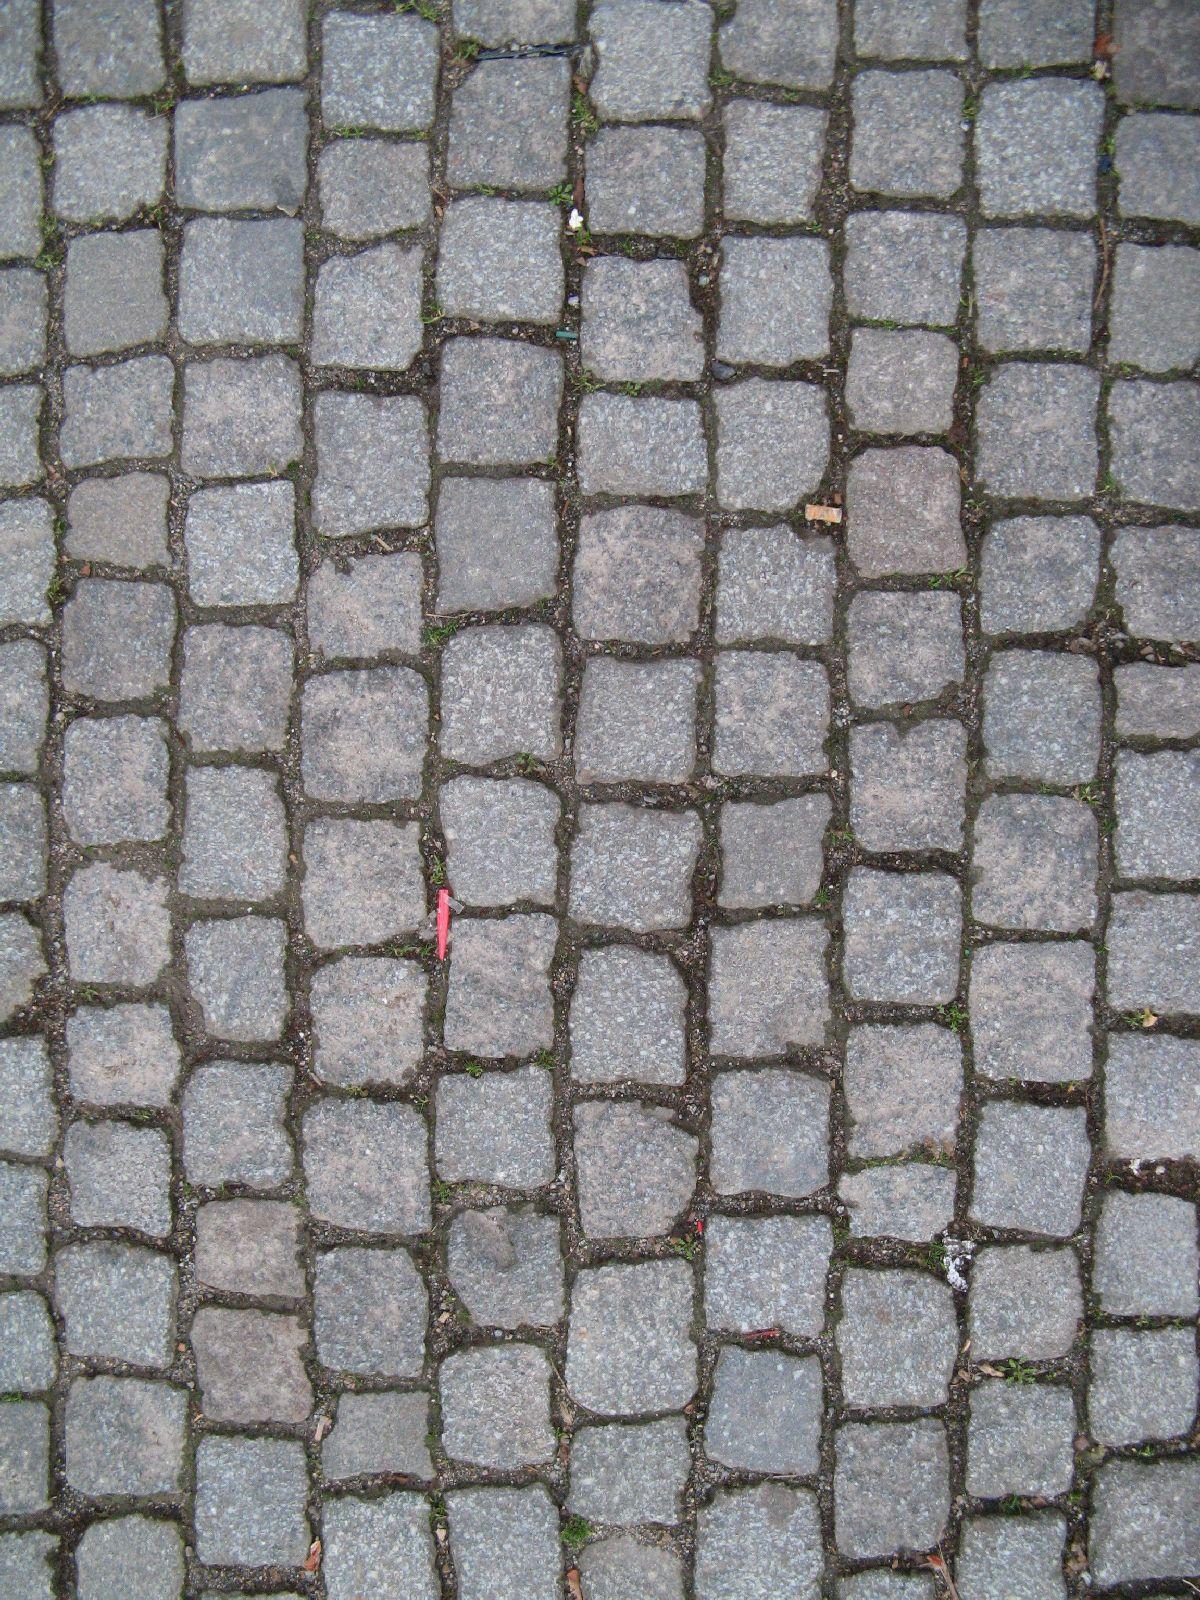 Boden-Gehweg-Strasse-Buergersteig-Textur_B_1115